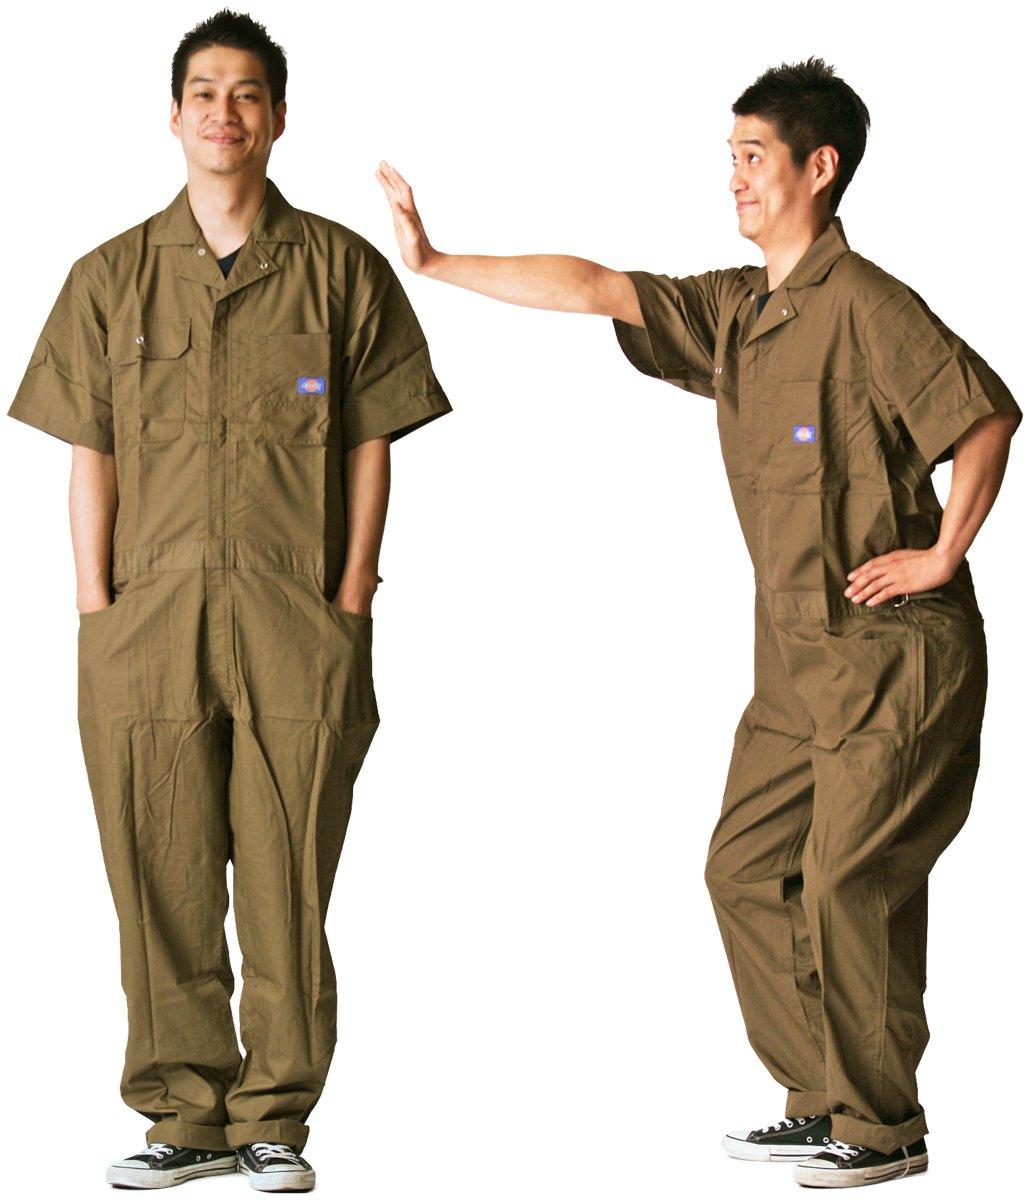 ディッキーズ Dickies (山田辰)夏用半袖 ツヅキ服 713 ブラウン 4Lサイズ B008H1TJB0